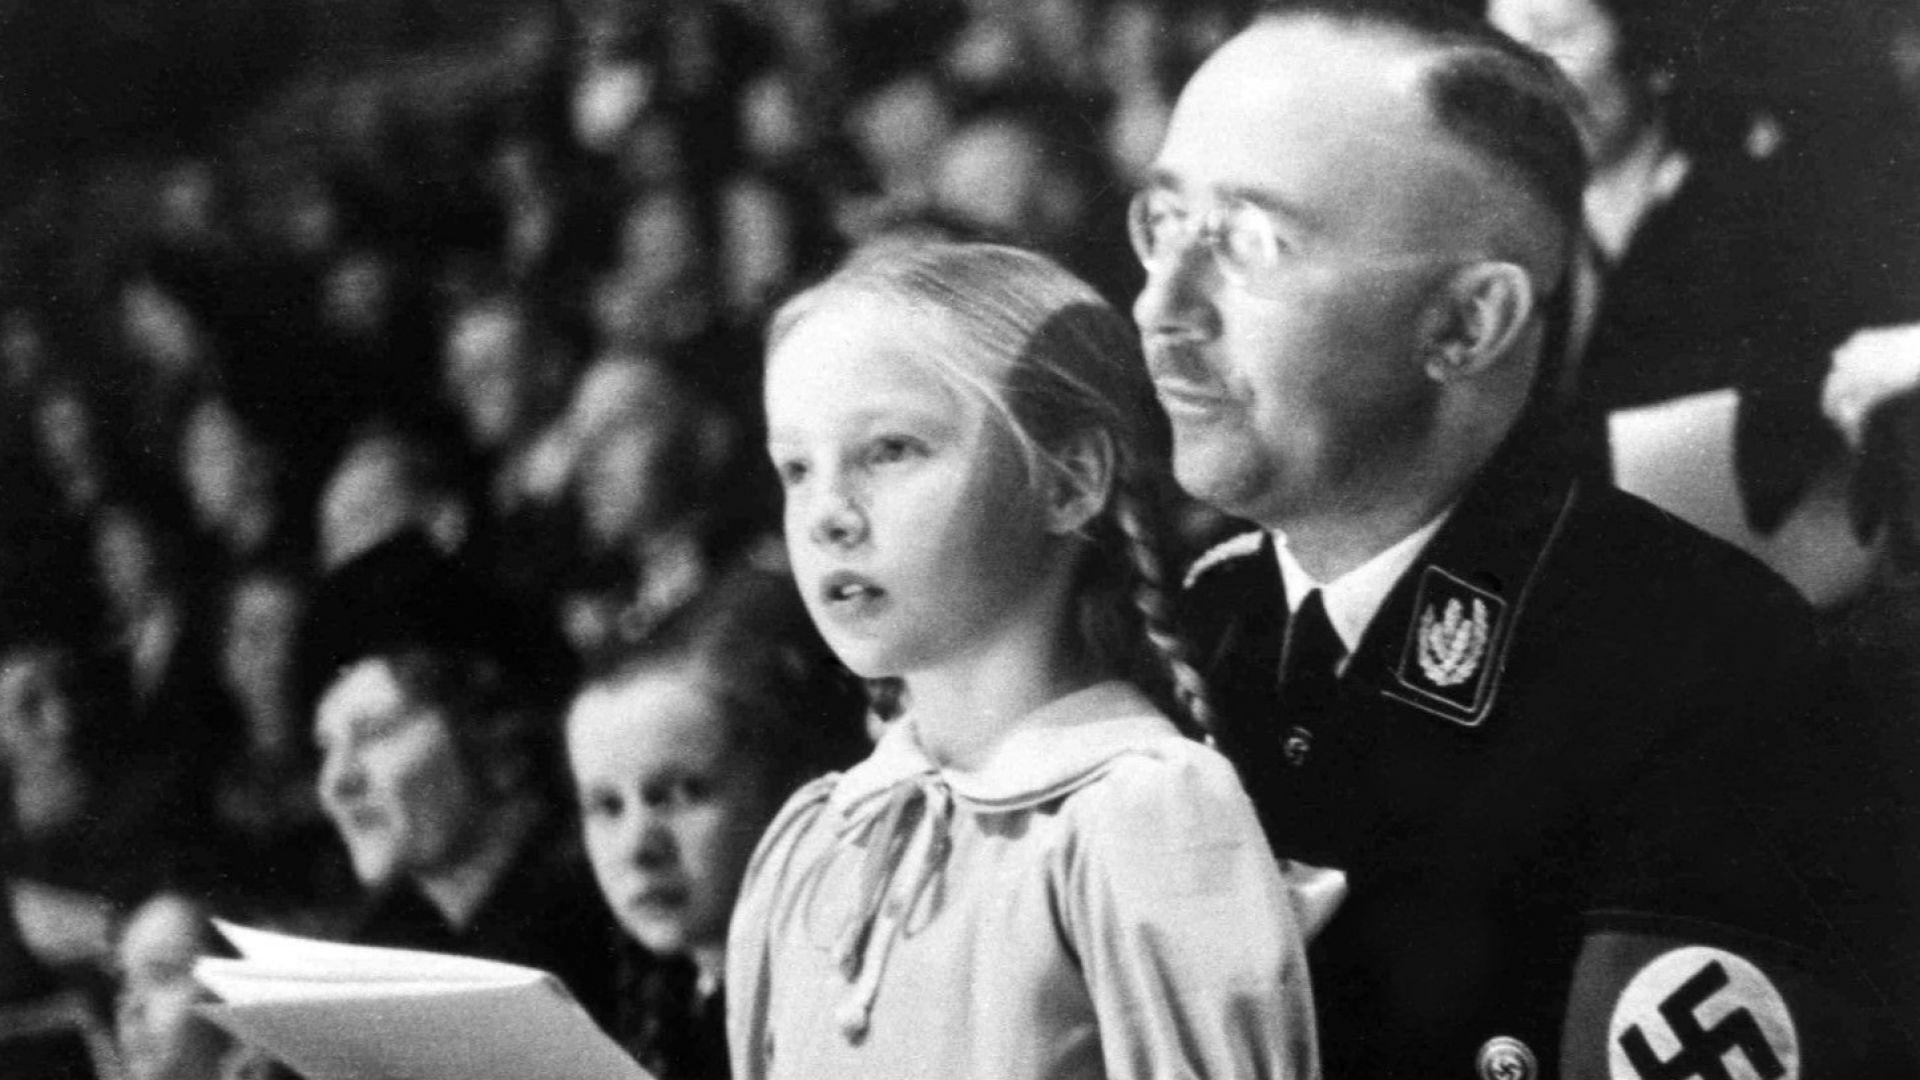 Дъщерята на Химлер работила за външното разузнаване на Германия